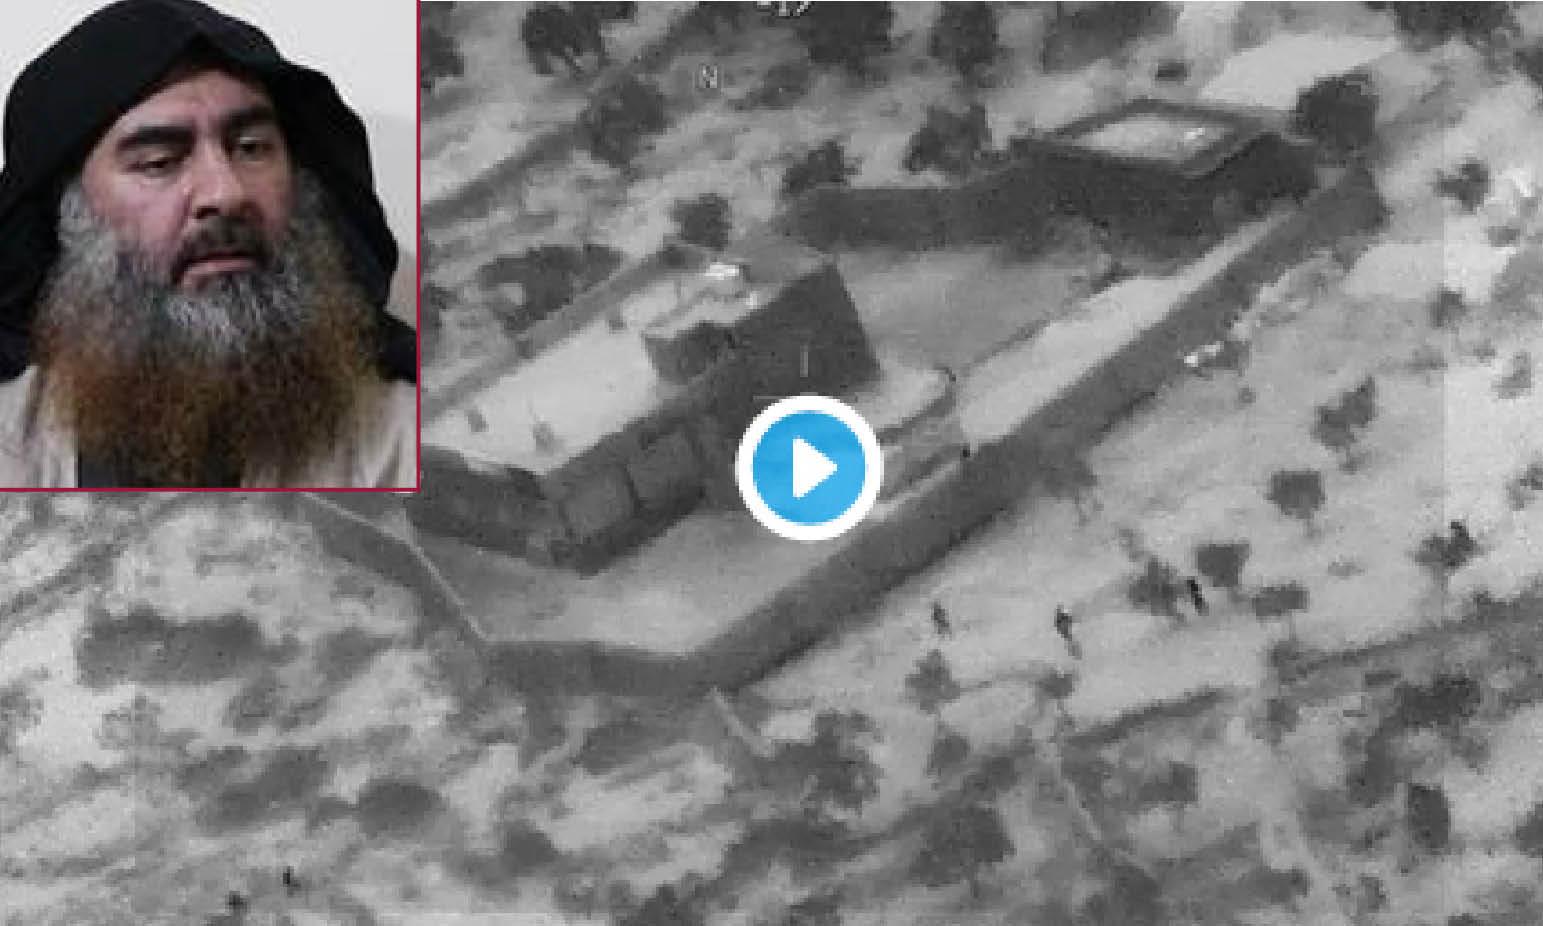 Mistero Al Baghdadi. Farsa del Pentagono, cambia idea e diffonde inutili video. Testimone e corpi di bimbi spariti